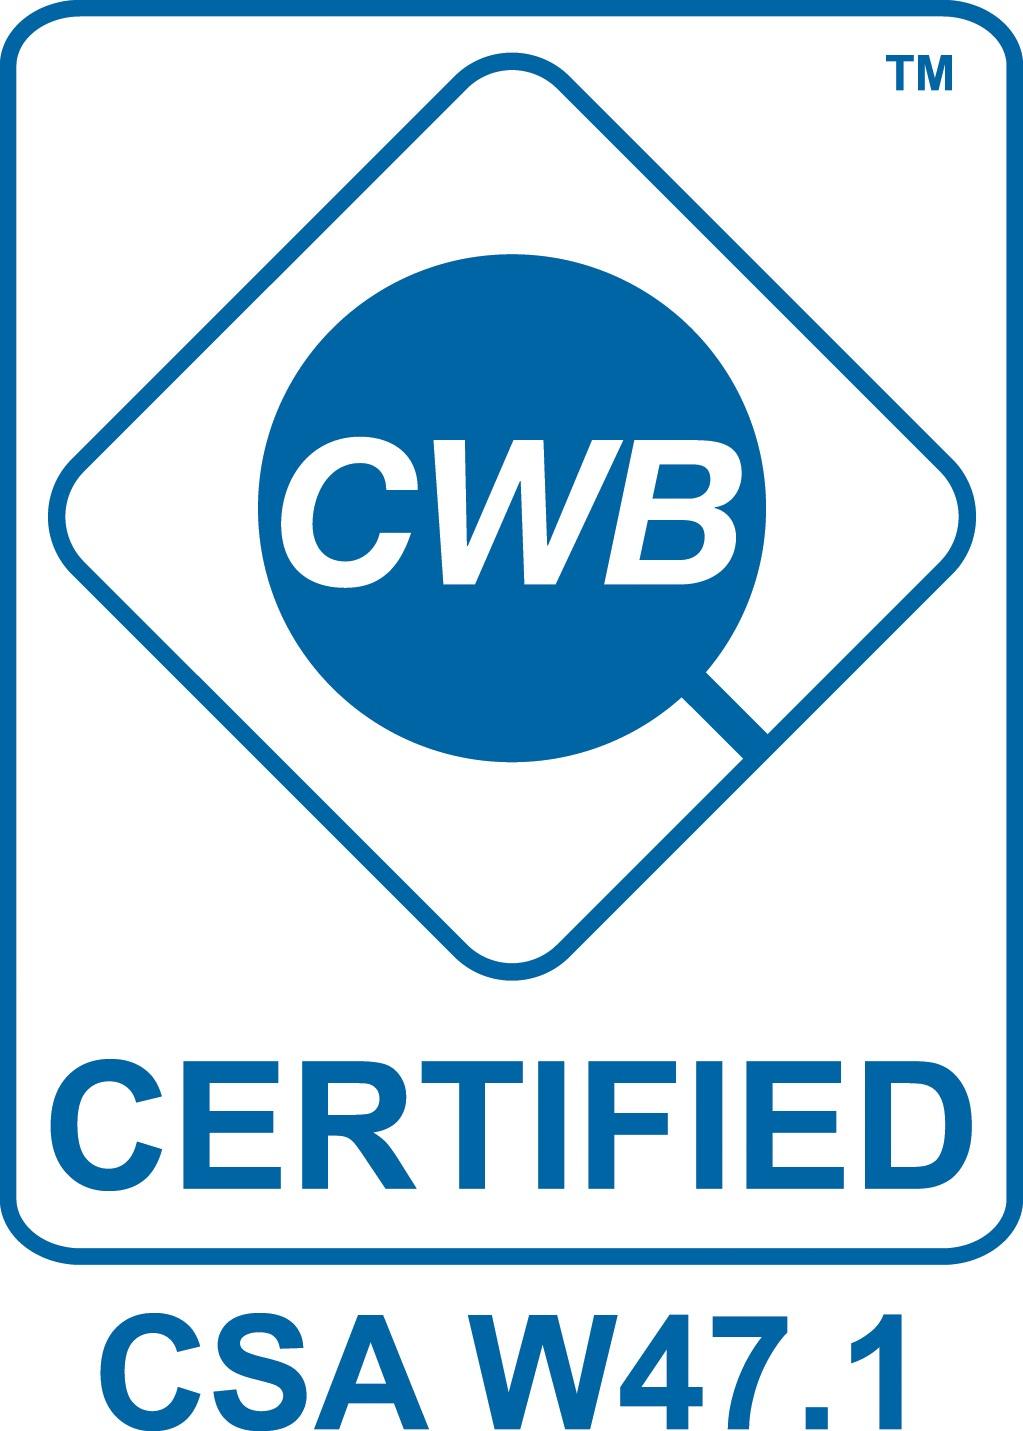 CWB Certification Mark EN W47_1